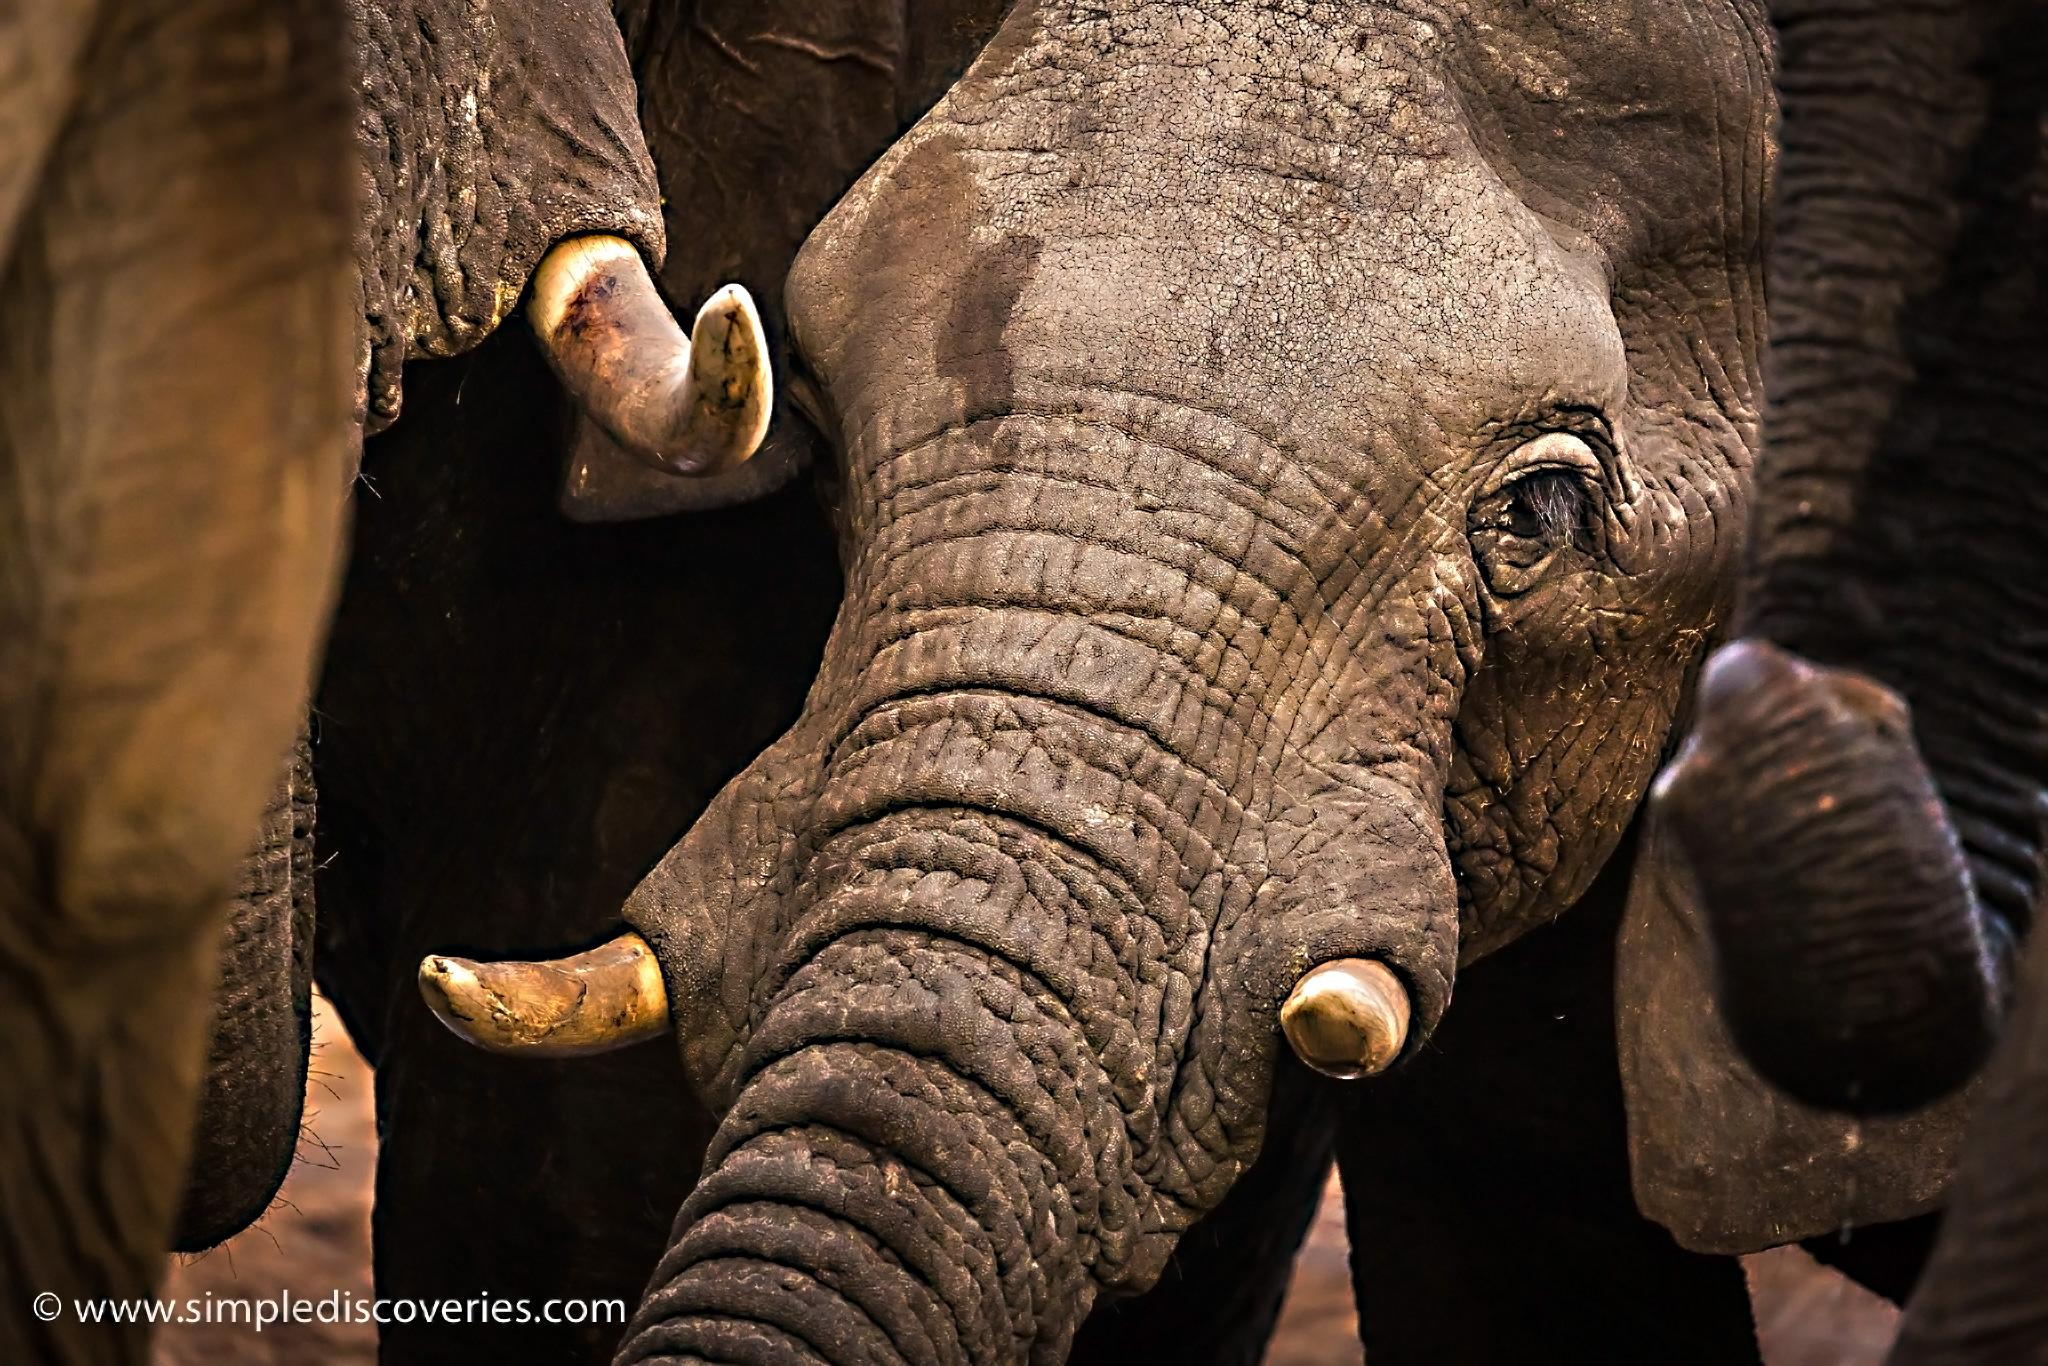 elephant_tusks_botswana